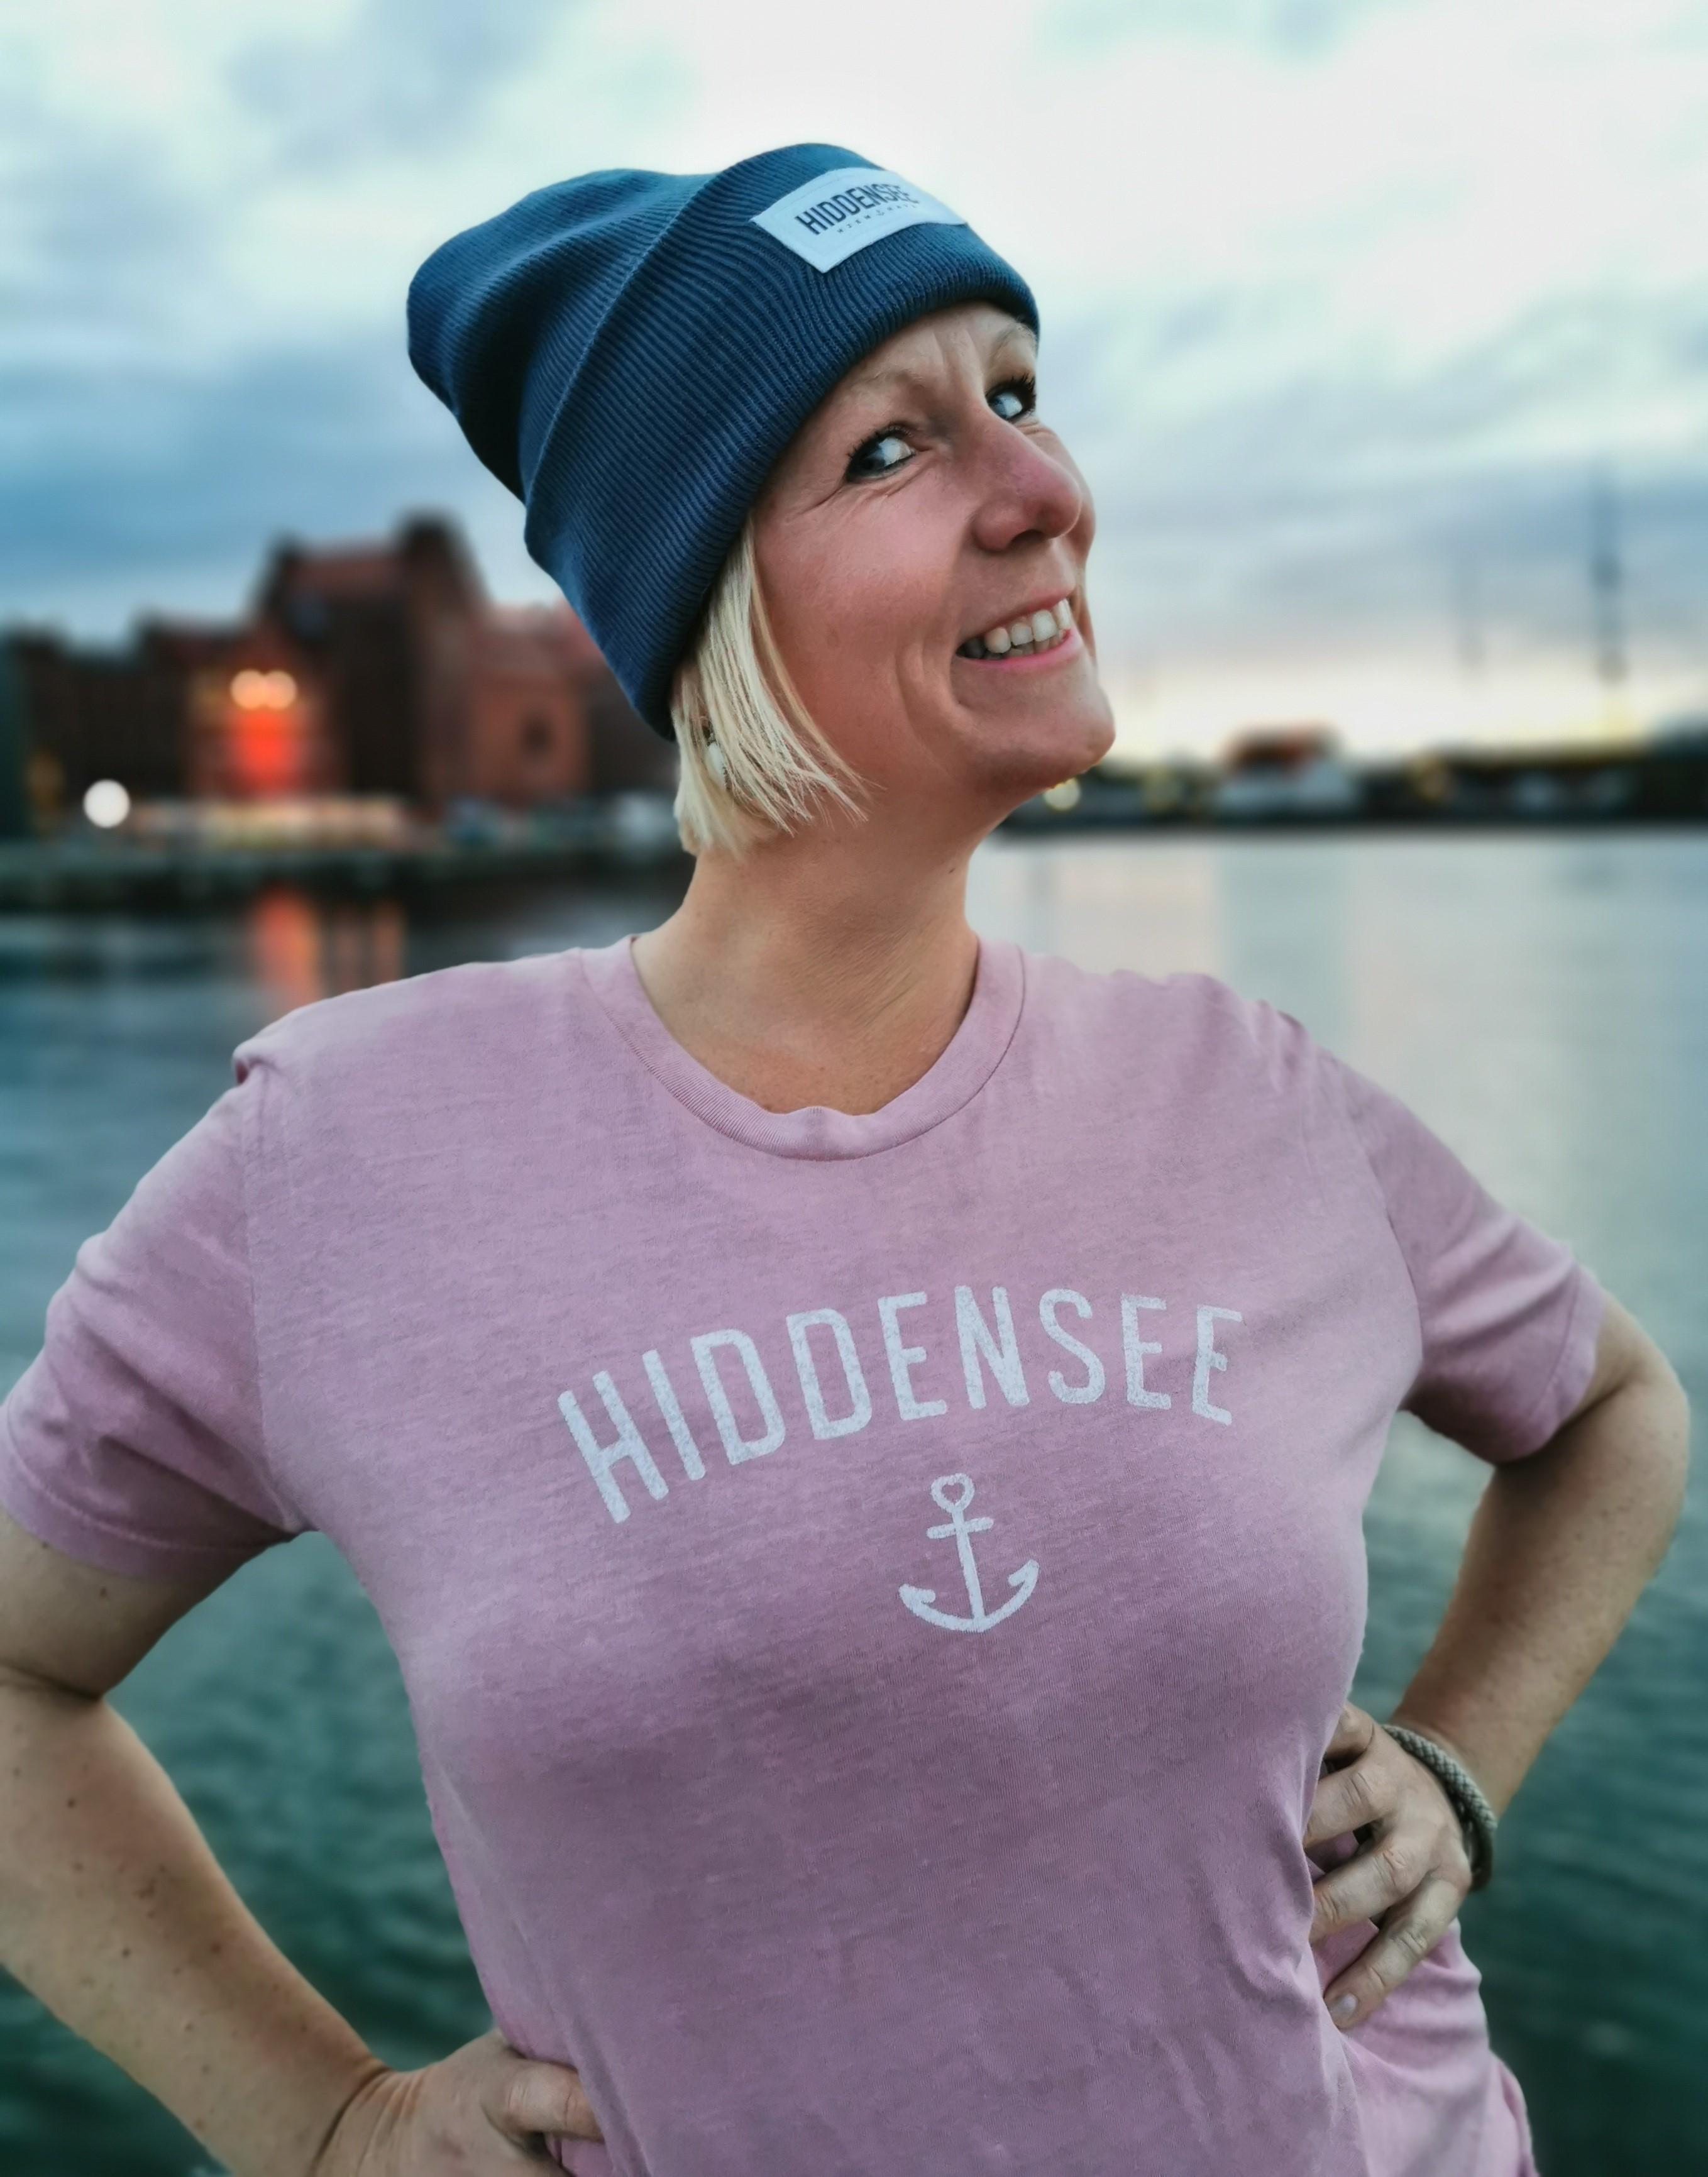 Hiddensee Shirt (unisex)